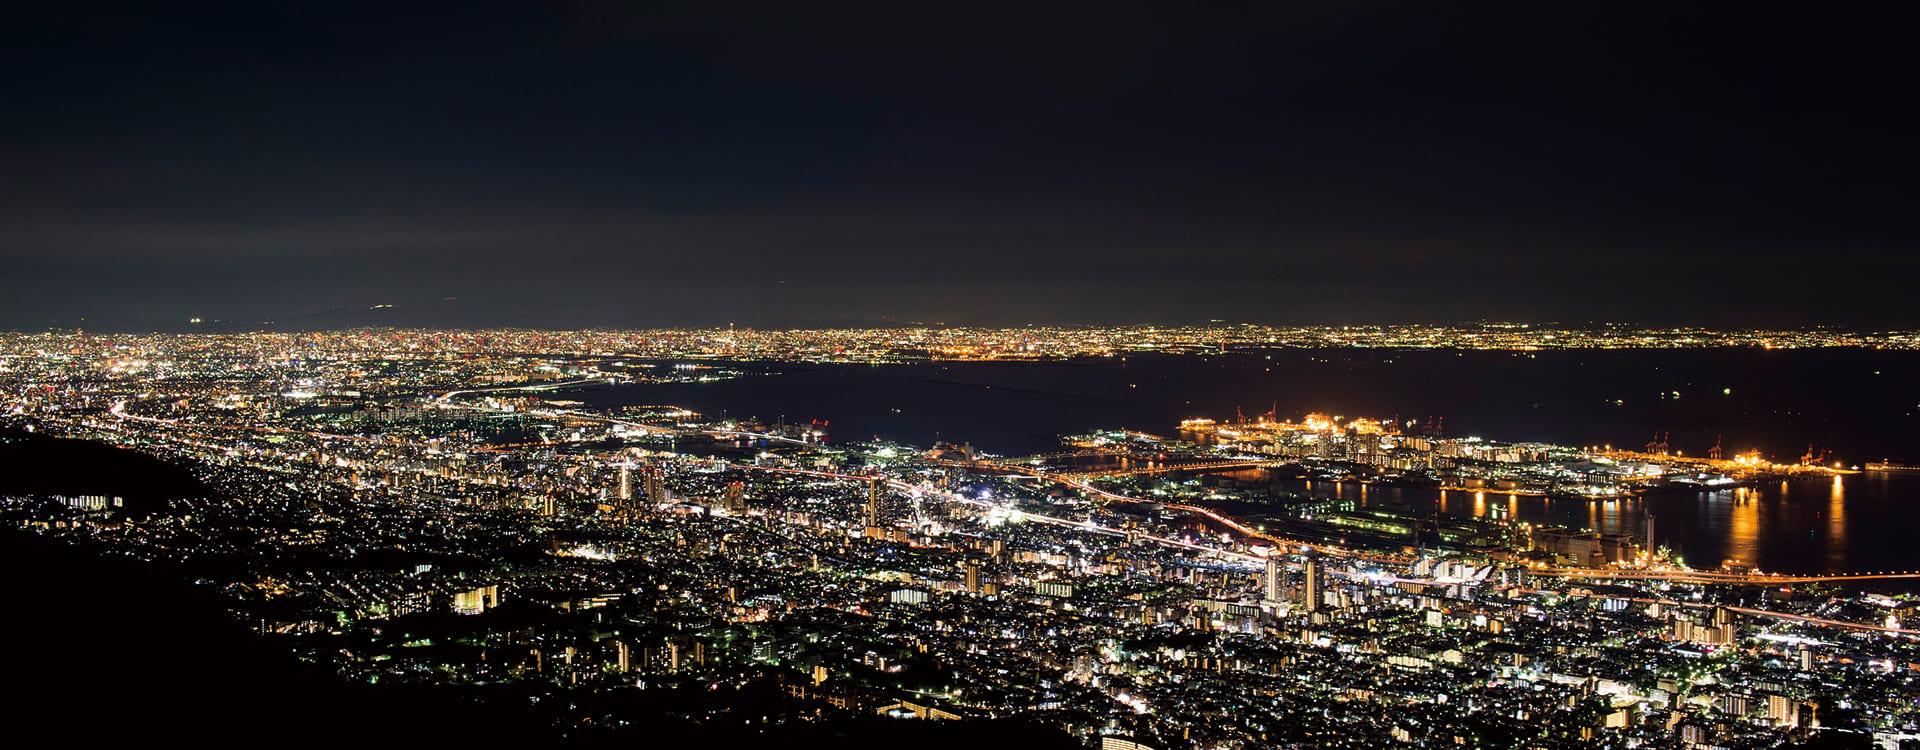 摩耶山掬星台から見たまばゆい神戸の夜景が広がっています。